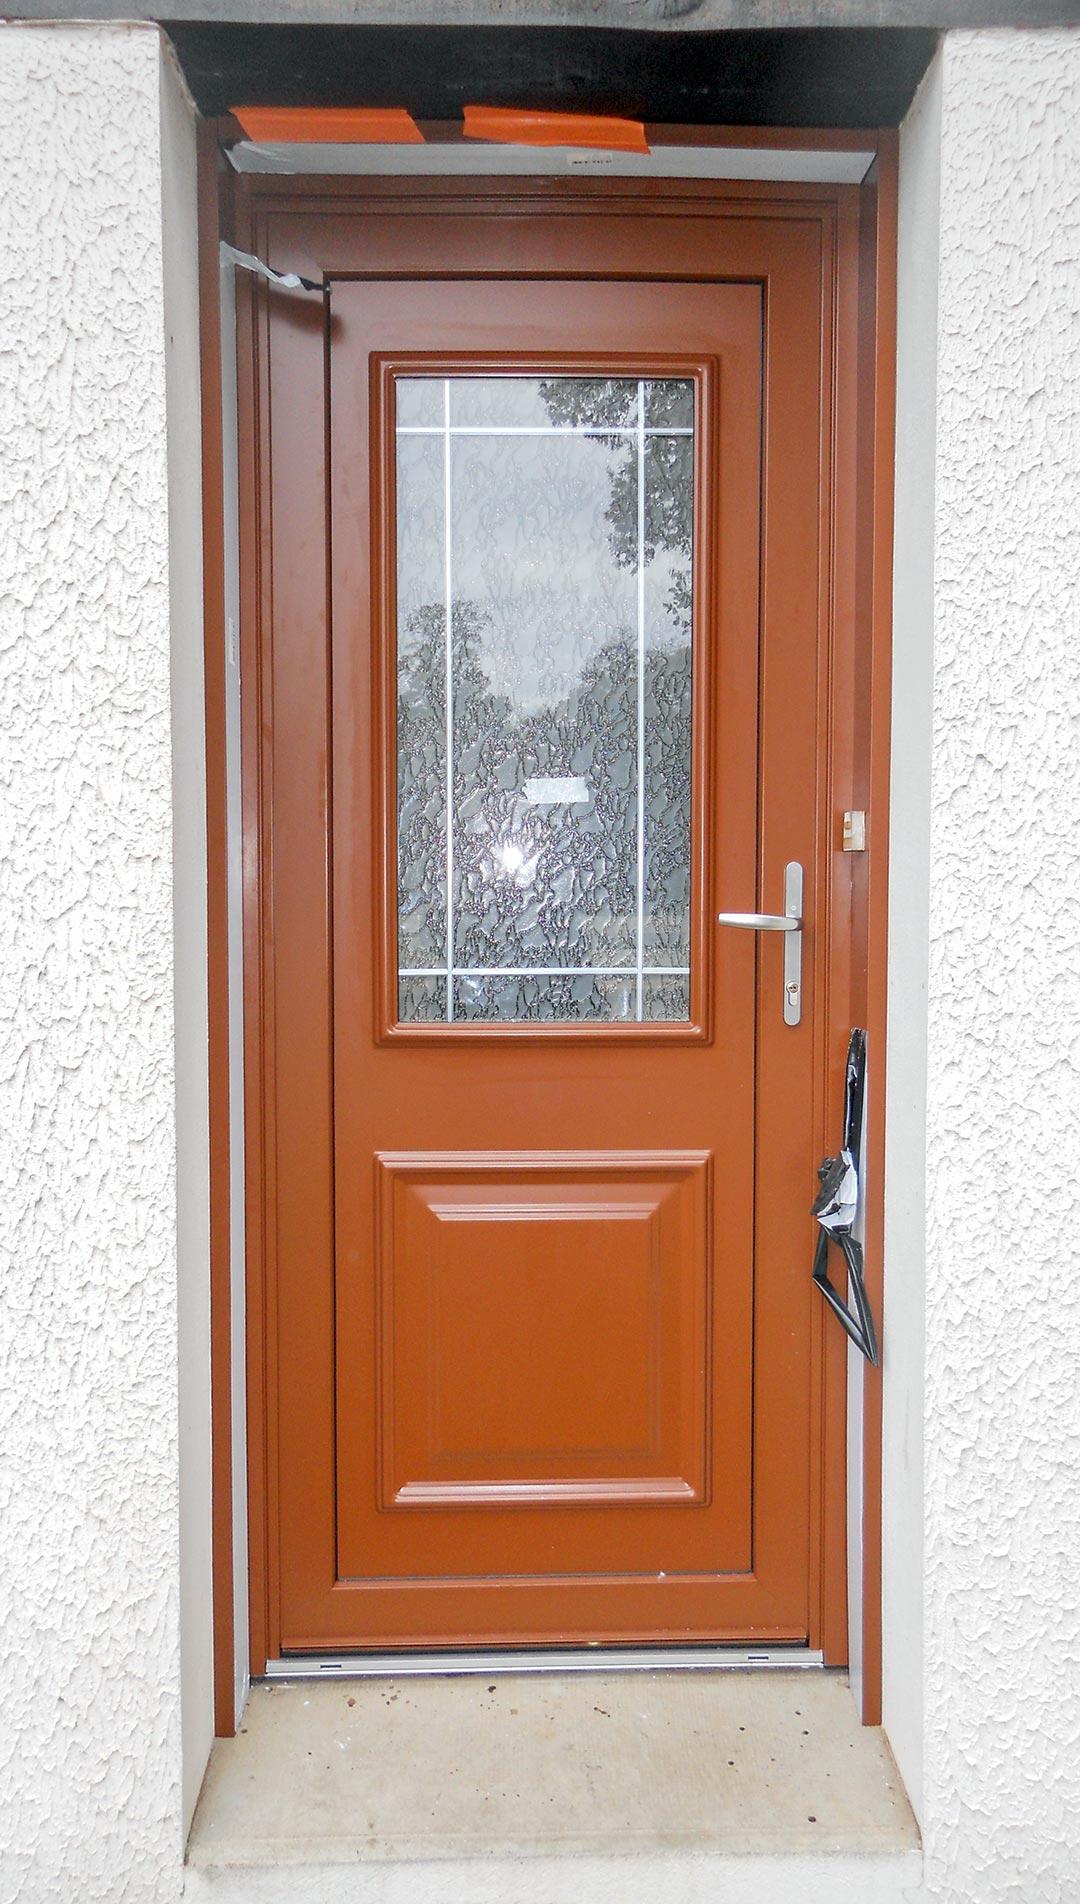 Changement de porte d 39 entr e et fen tres - Habillage de porte d entree ...